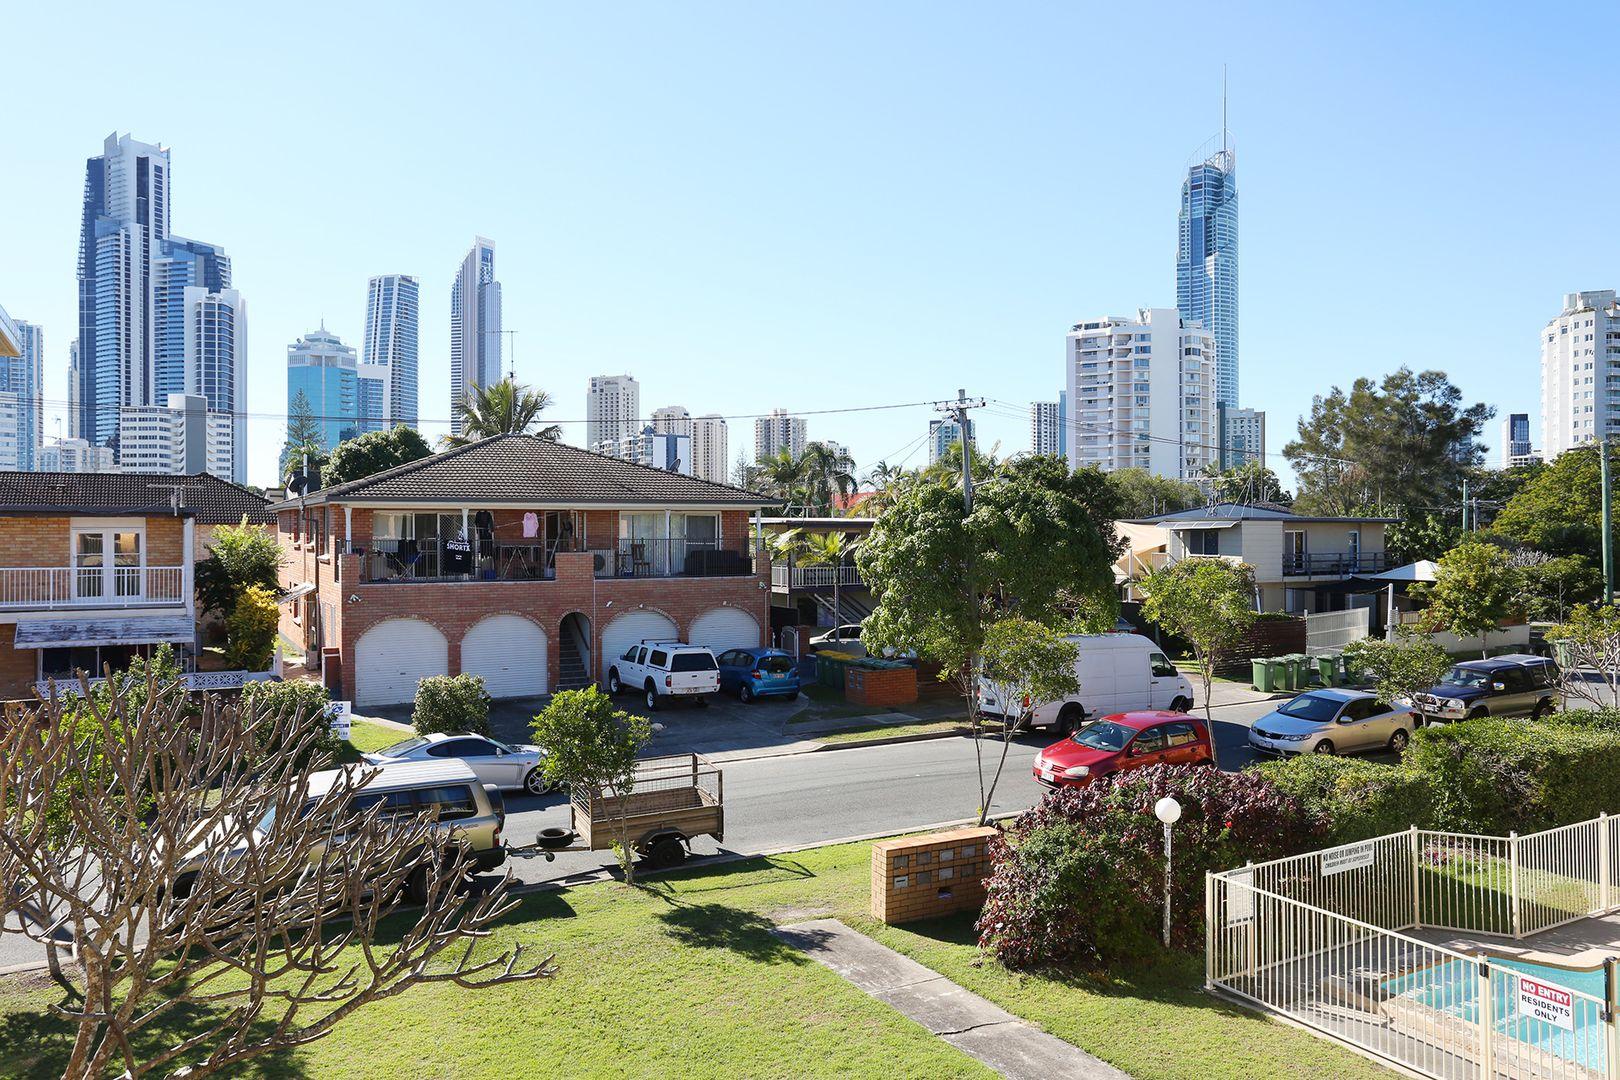 10/10 Sunrise Boulevard, Surfers Paradise QLD 4217, Image 1